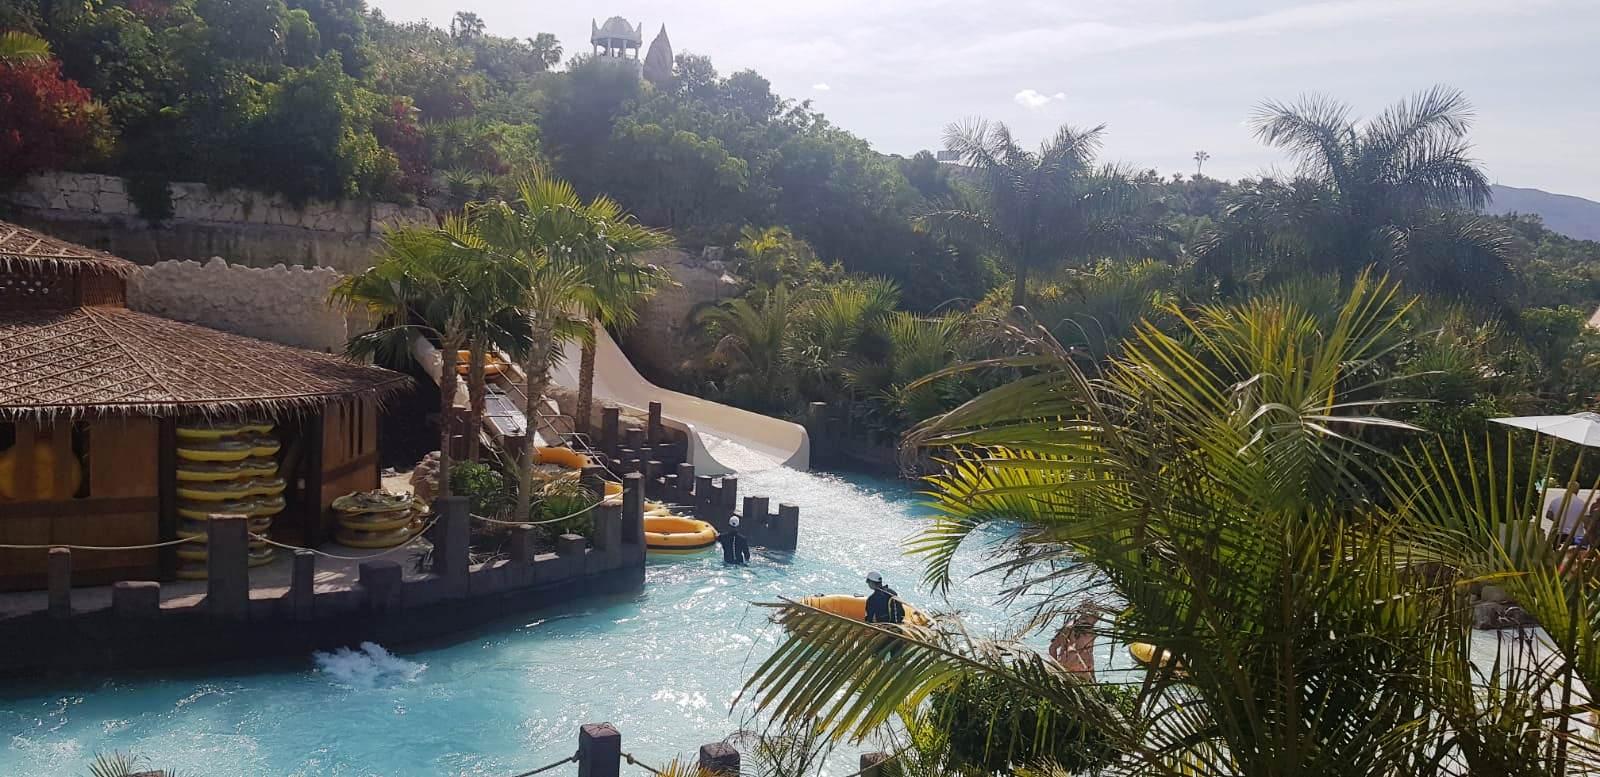 Atractii din Tenerife: Siam Park